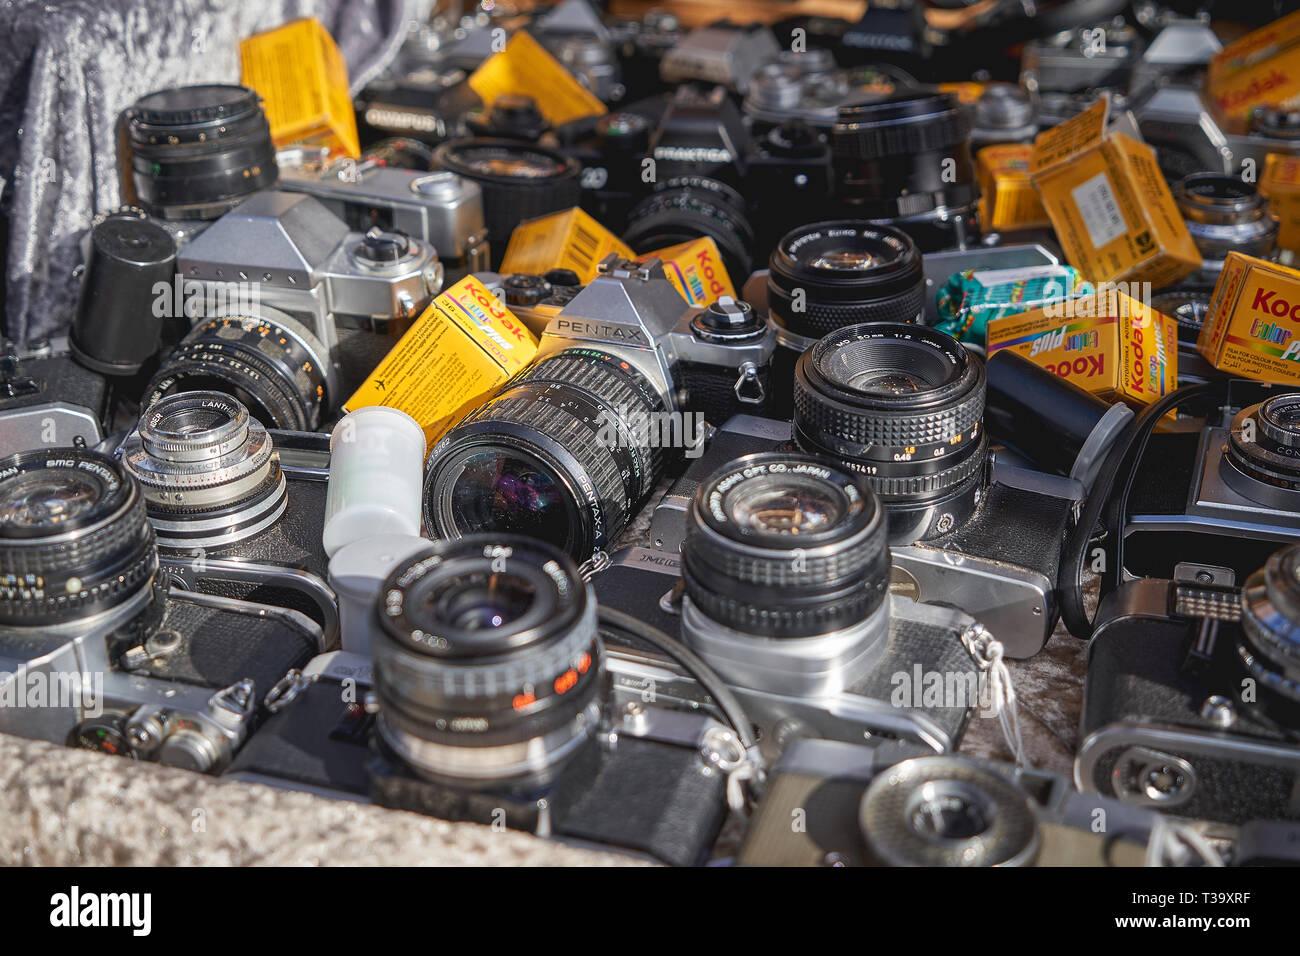 Londres, Reino Unido, Noviembre, 2018. Vintage antiguas cámaras y lentes en venta en un establo en Portobello Road Market, el mercado de antigüedades más grande del mundo. Foto de stock